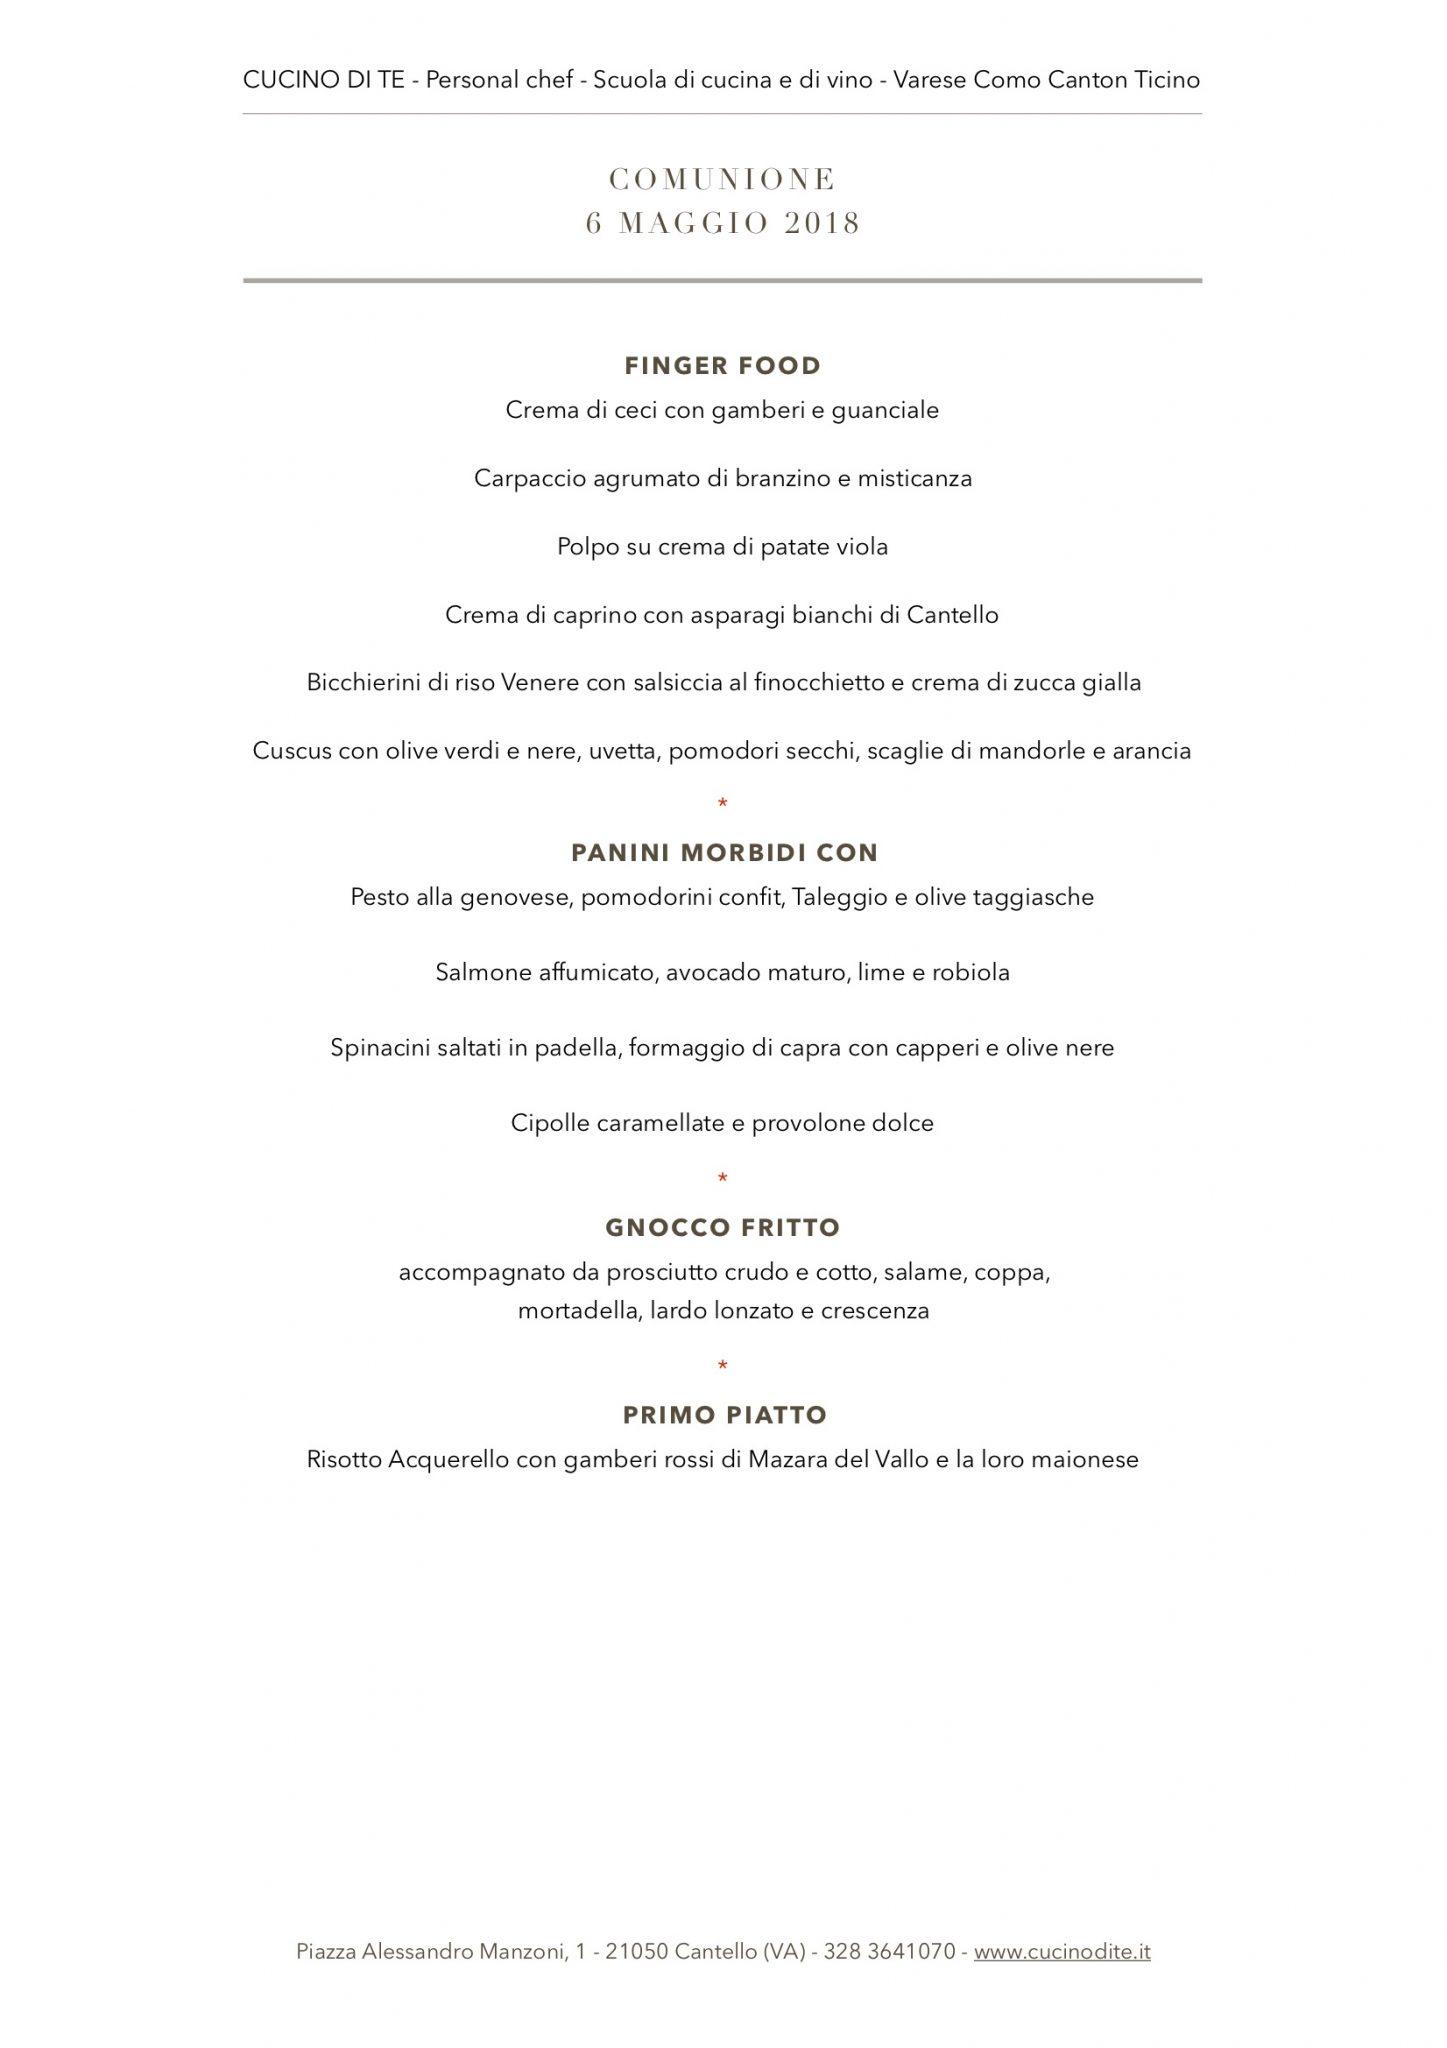 cucino di te - menù del 6 maggio 2018